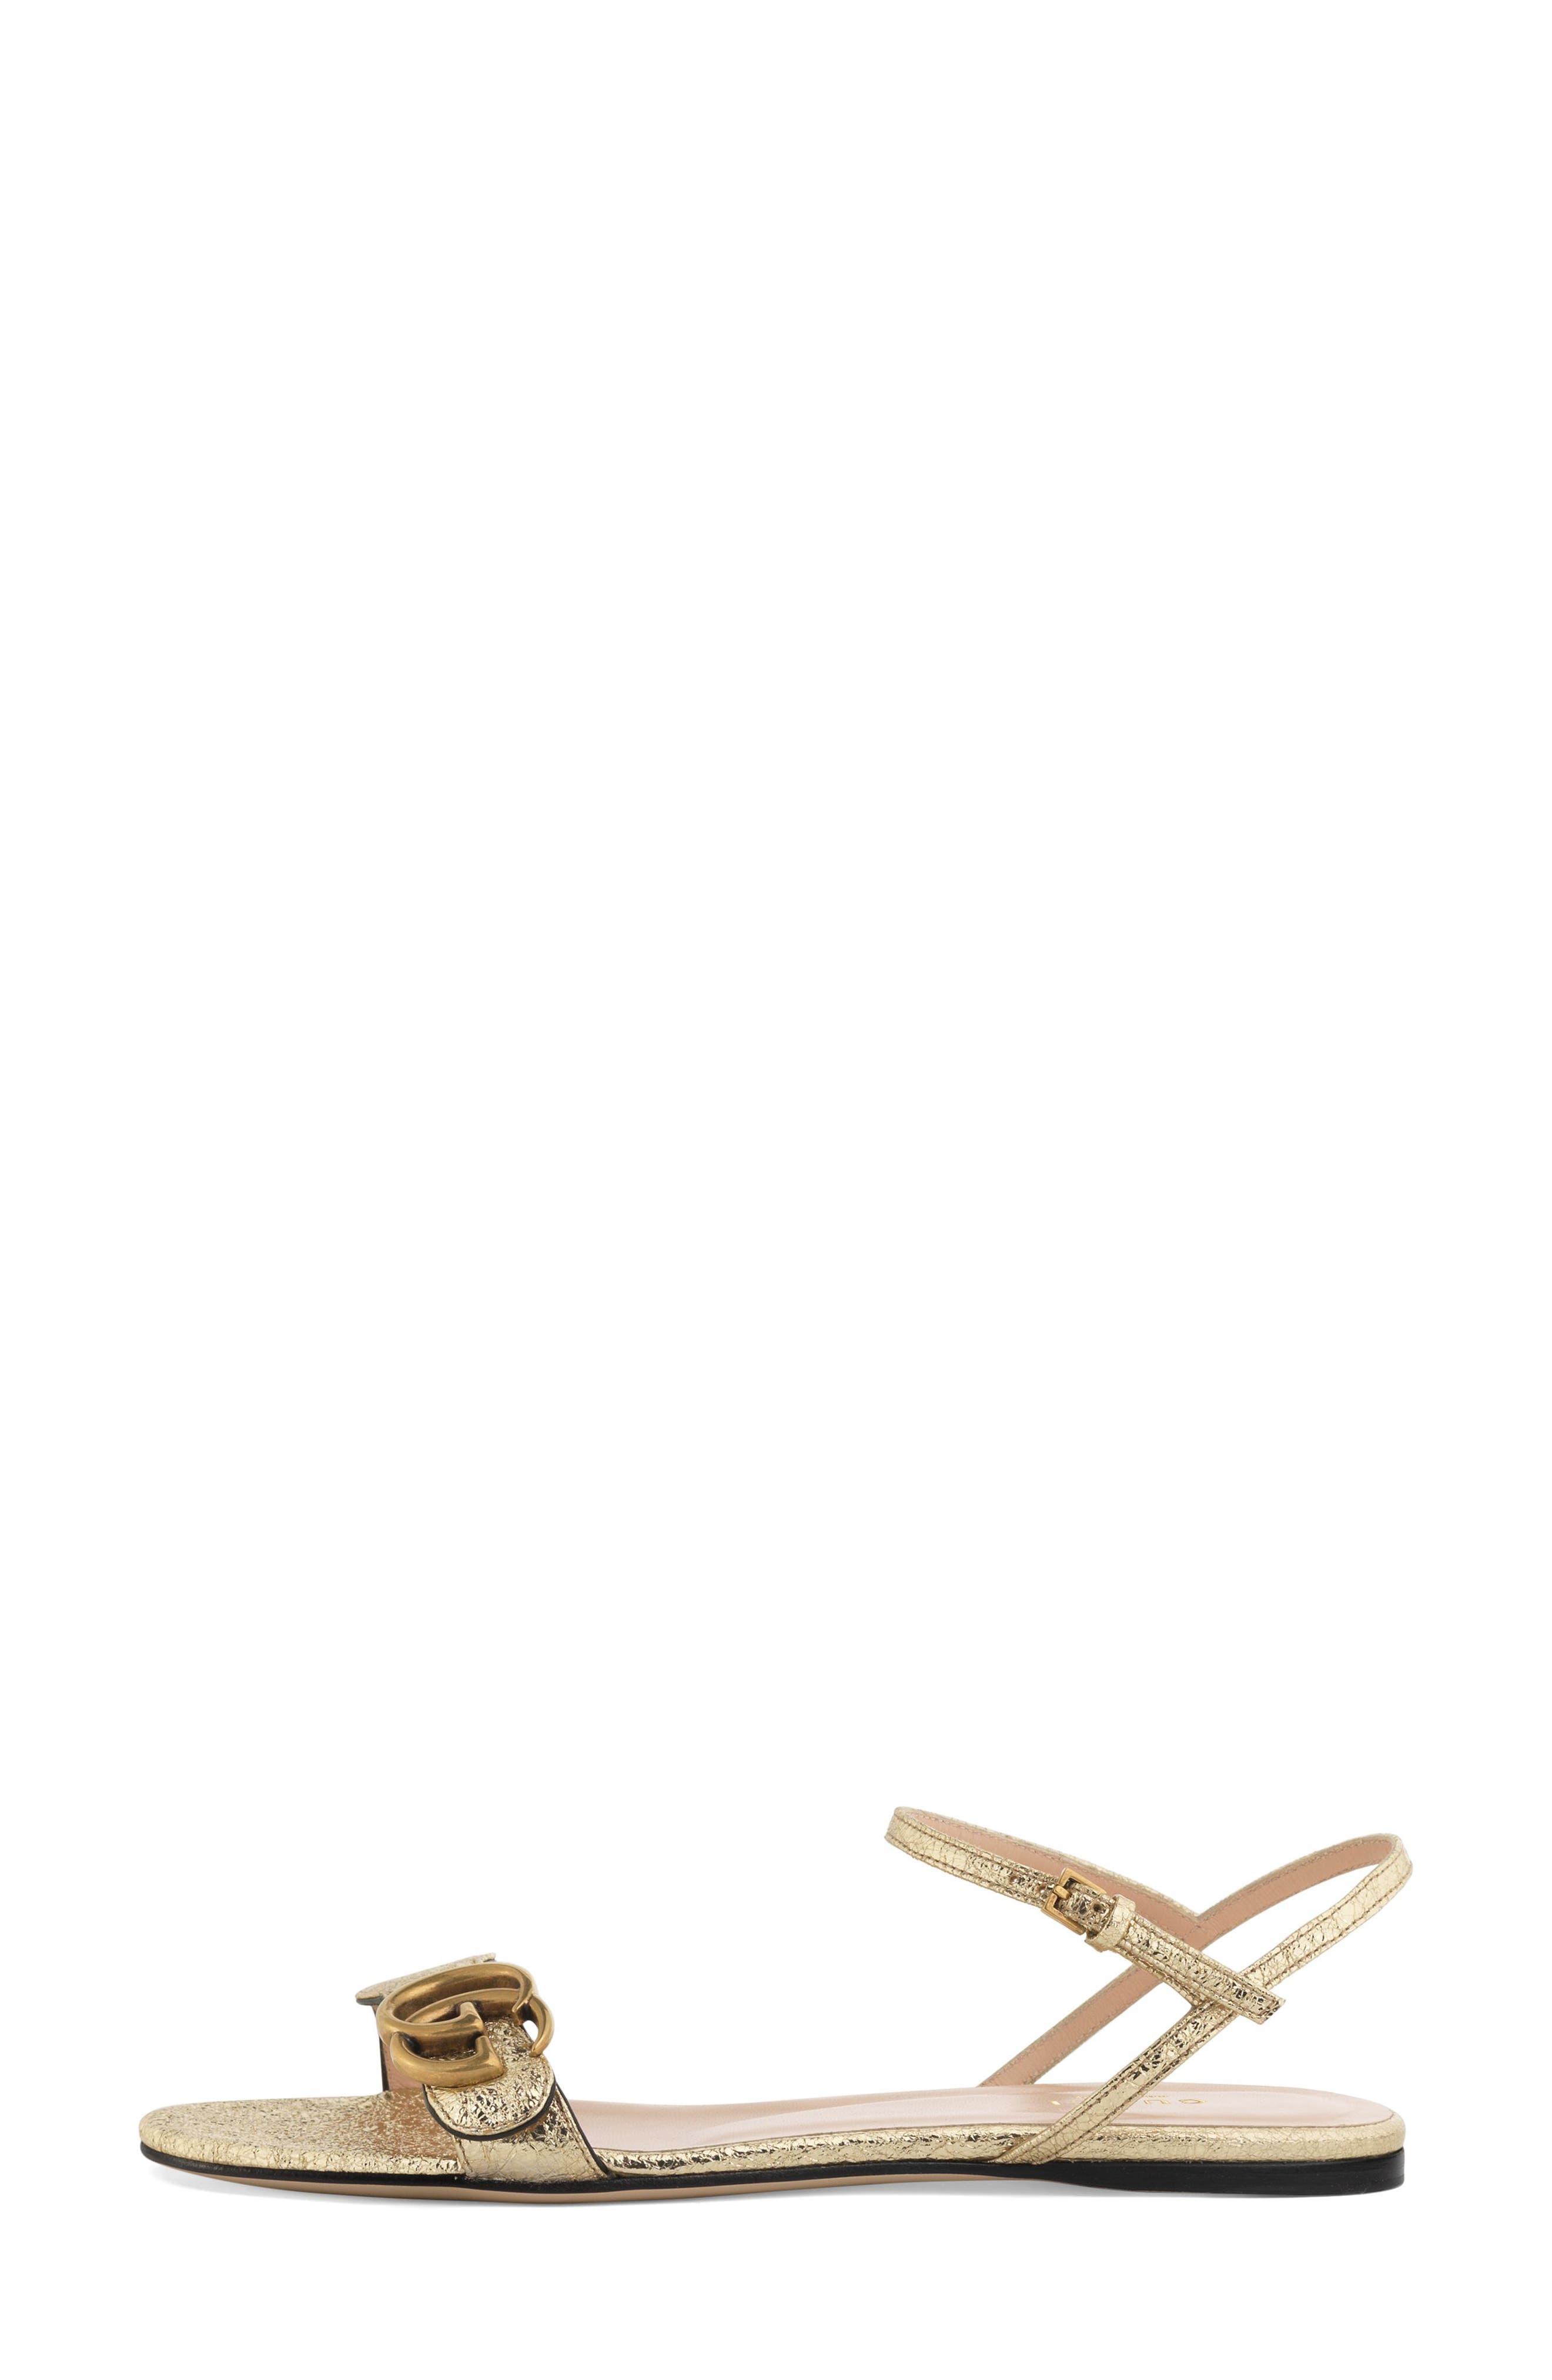 Marmont Quarter Strap Flat Sandal,                             Alternate thumbnail 2, color,                             PLATINO